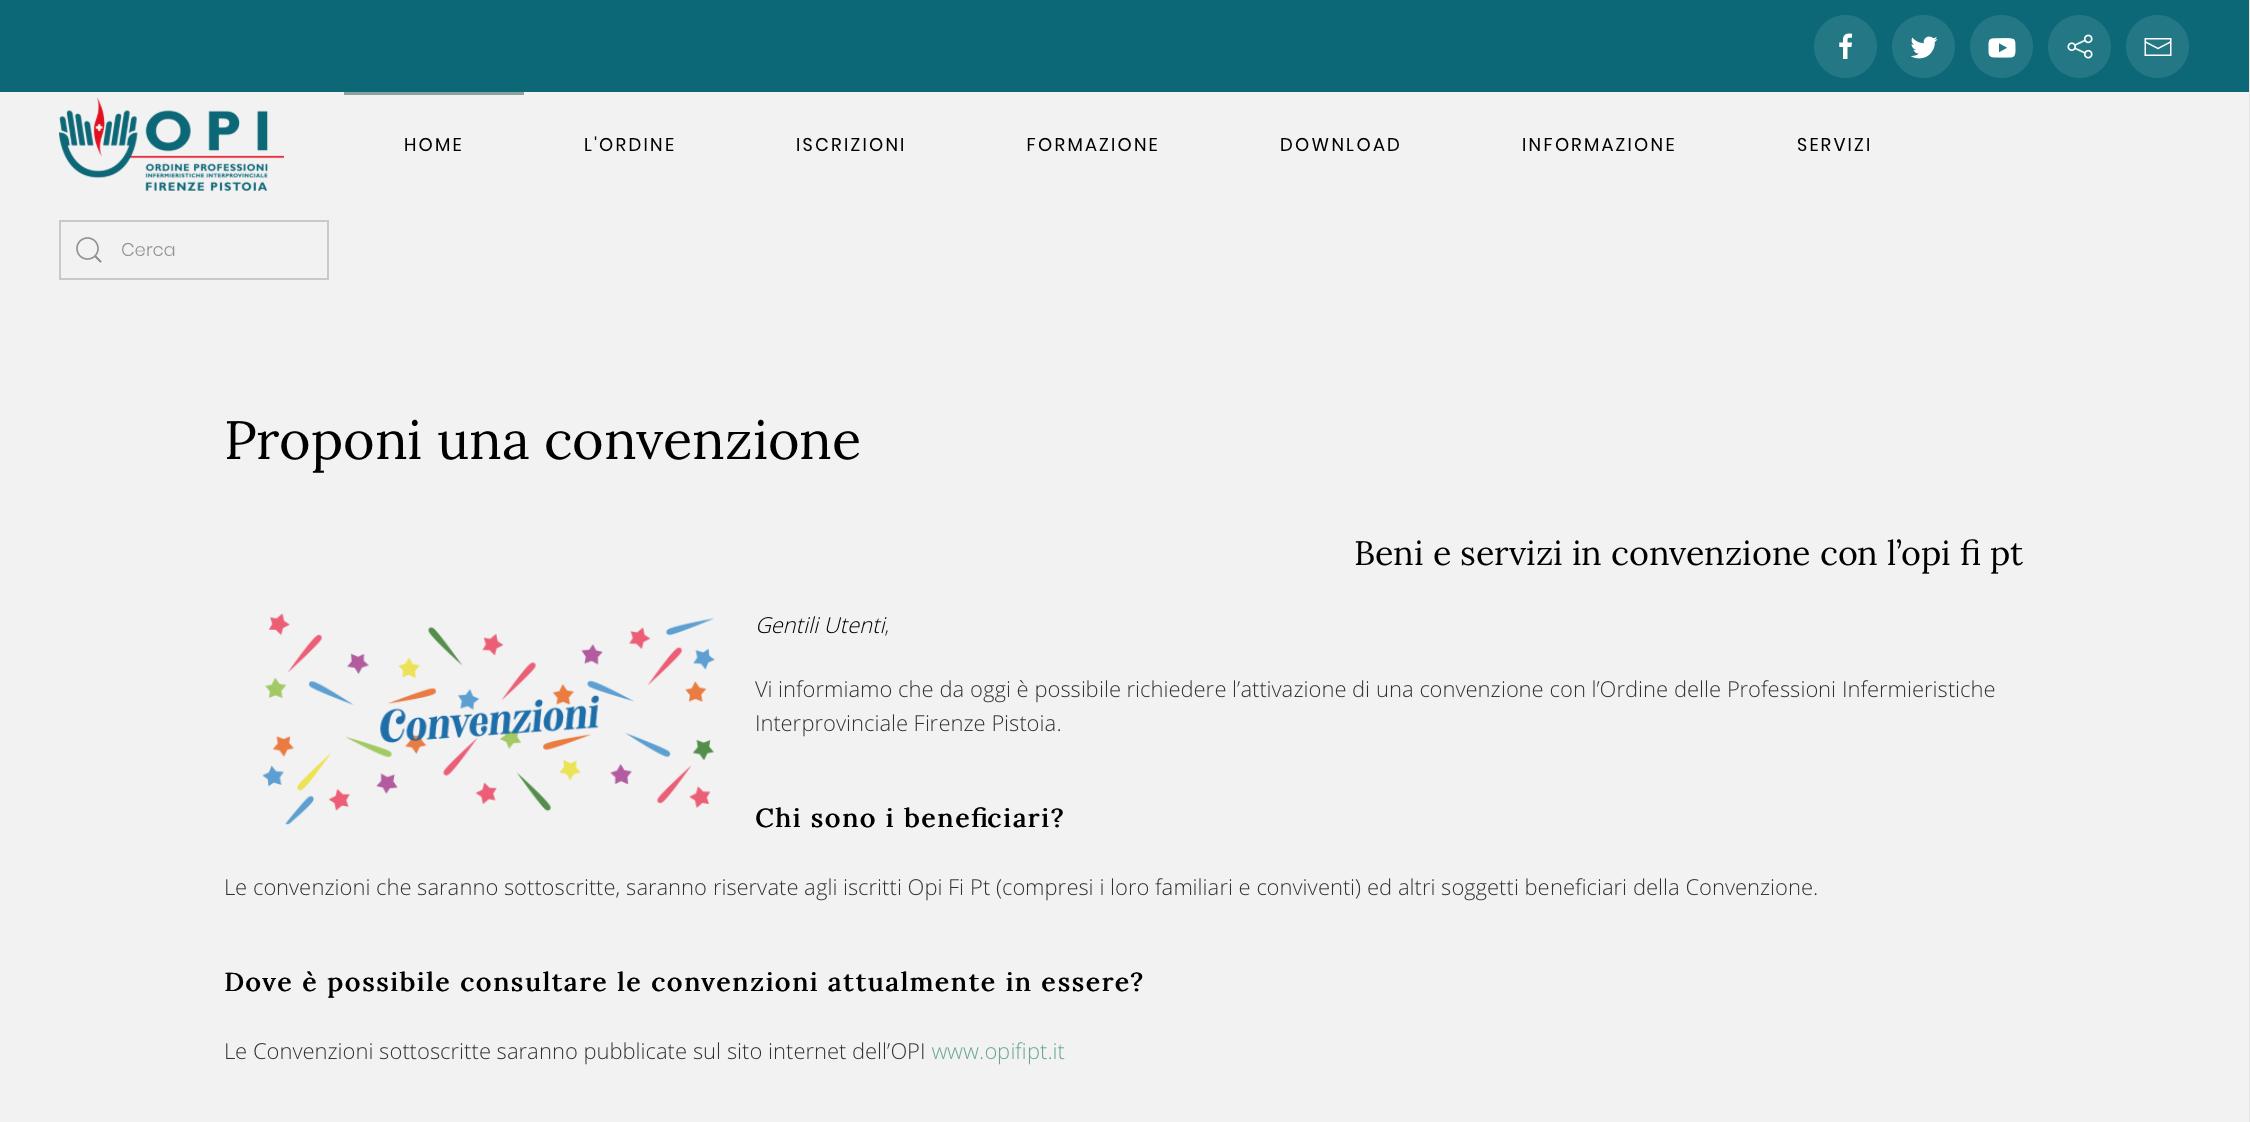 Convenzione (immagine da comunicato)